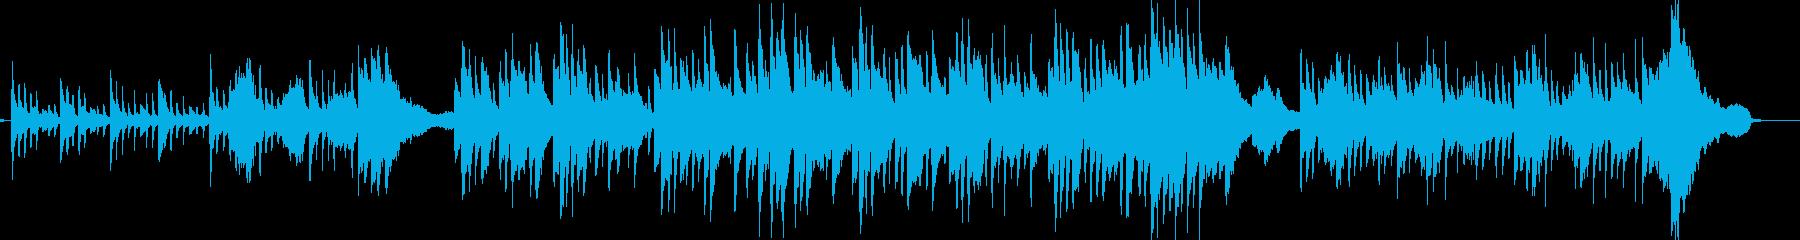 静かなピアノ・ヴァイオリン・アコギの楽曲の再生済みの波形